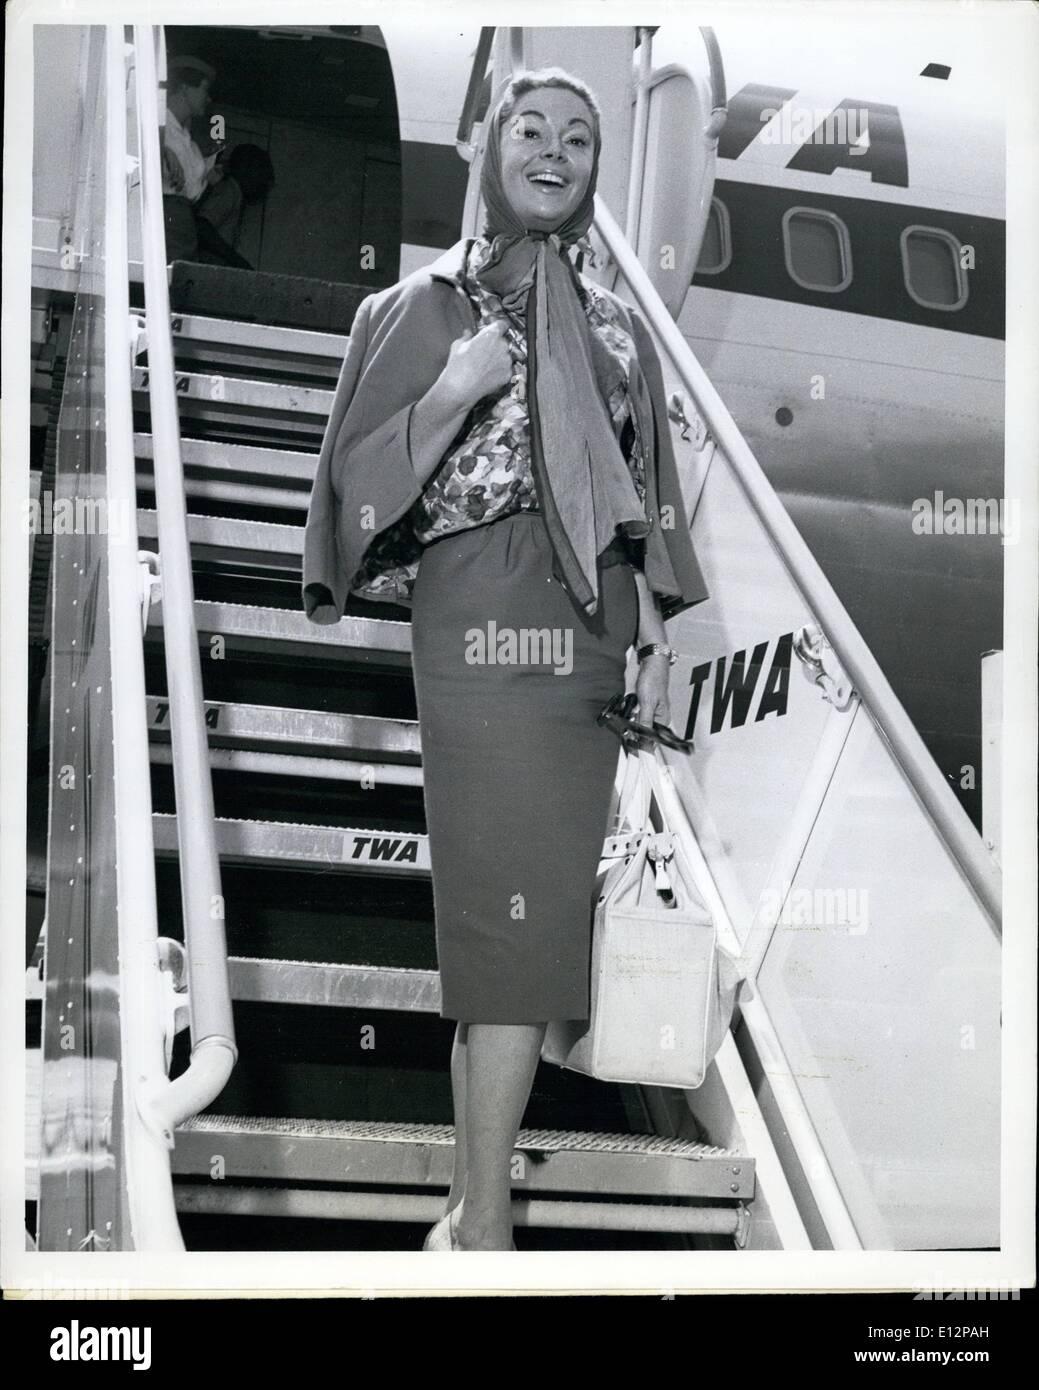 24. Februar 2012 - Langlauf s t Fays TV Persönlichkeit Jayne Meadows gesehen hier erfreut die Flughafen-Szene vor dem Einsteigen in ein TWA Düsenflugzeug nach Los Angeles, wurde im gewann für ein paar Tage zu TV-Themen. Stockbild